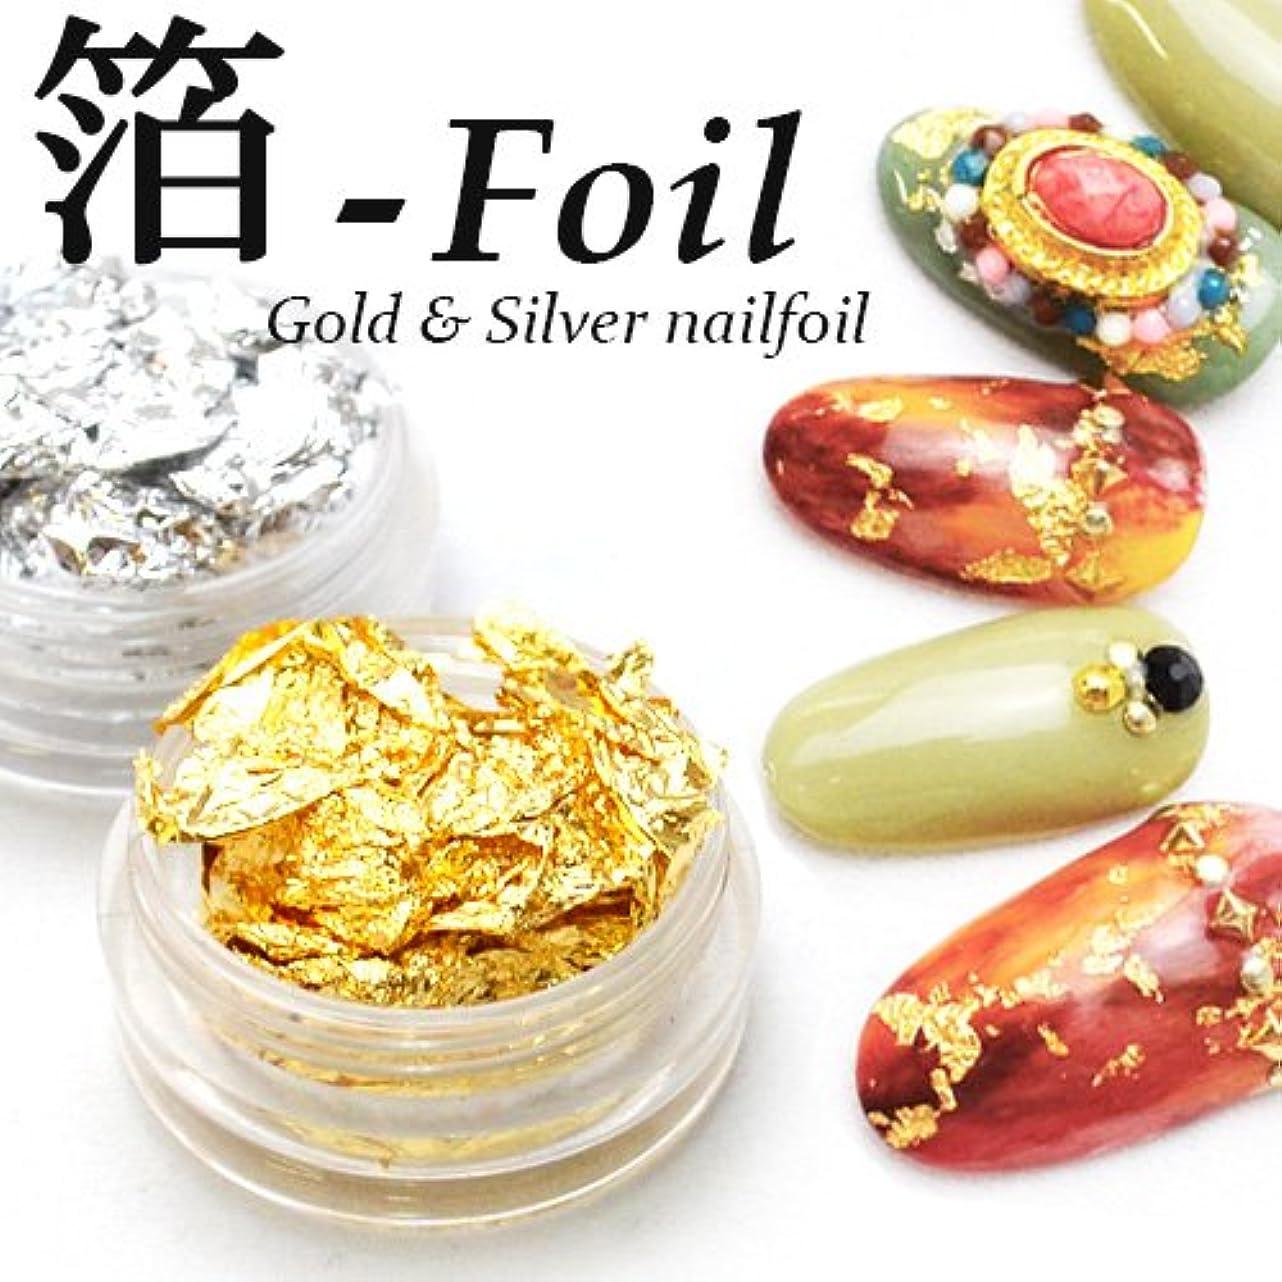 アーティキュレーションからに変化する突然金箔 ケース入り ジェルネイル用品 ゴールド